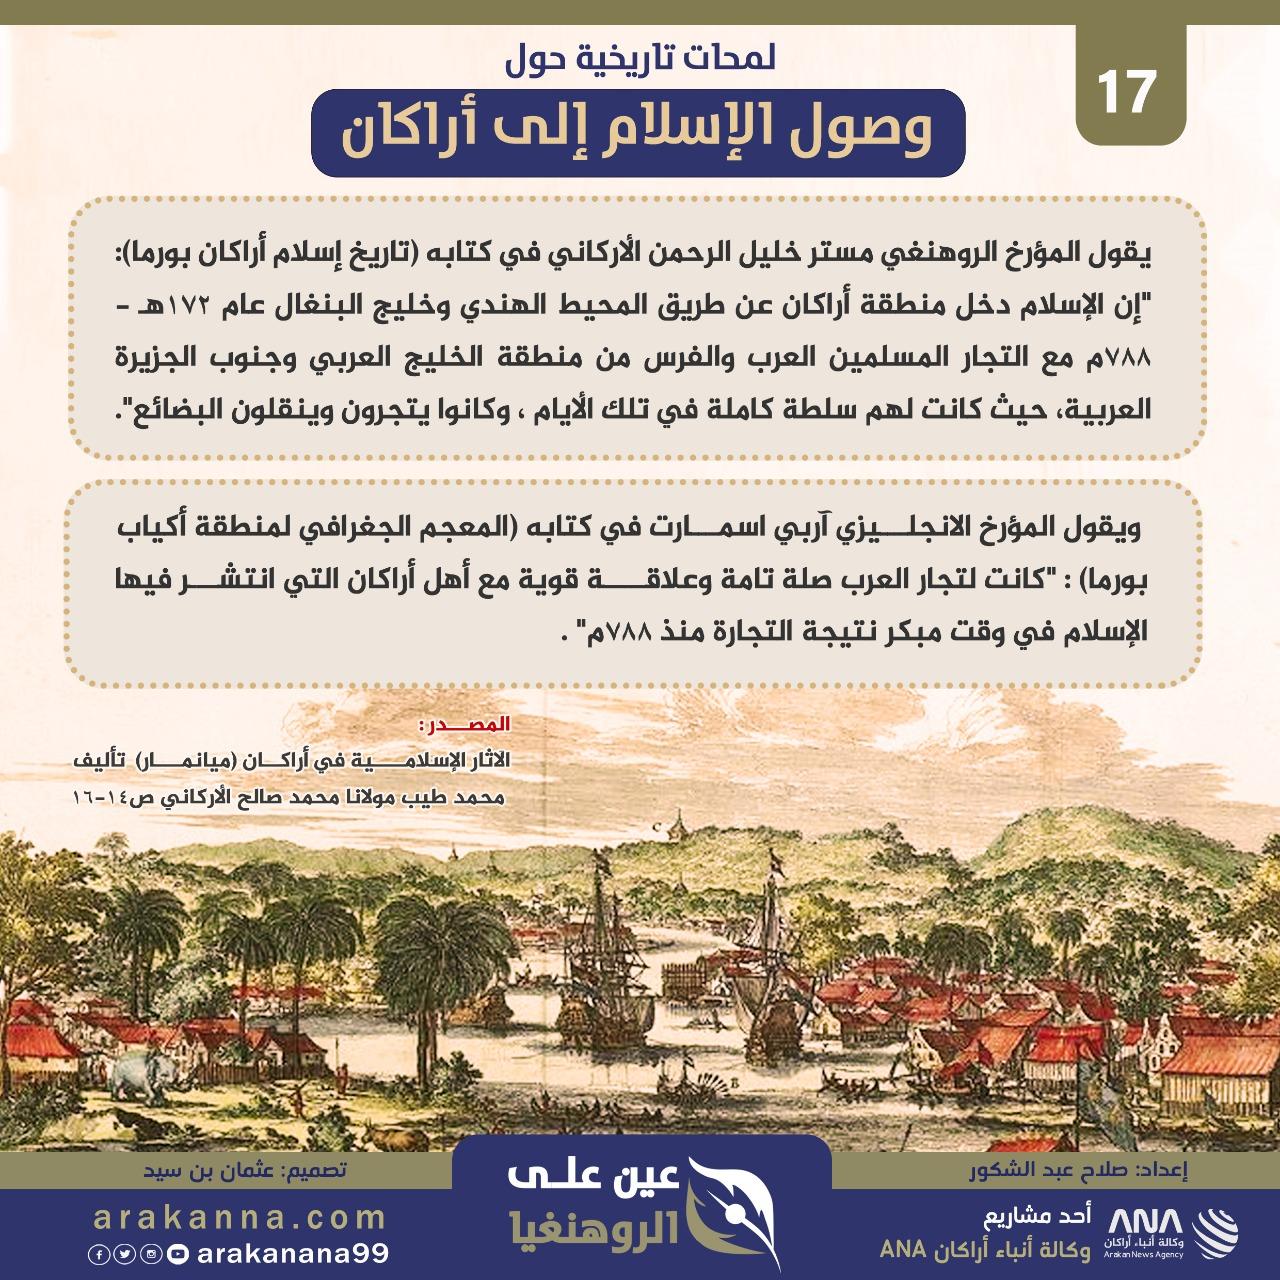 عين على الروهنغيا 17 | لمحات تاريخية حول وصول الإسلام إلى أراكان